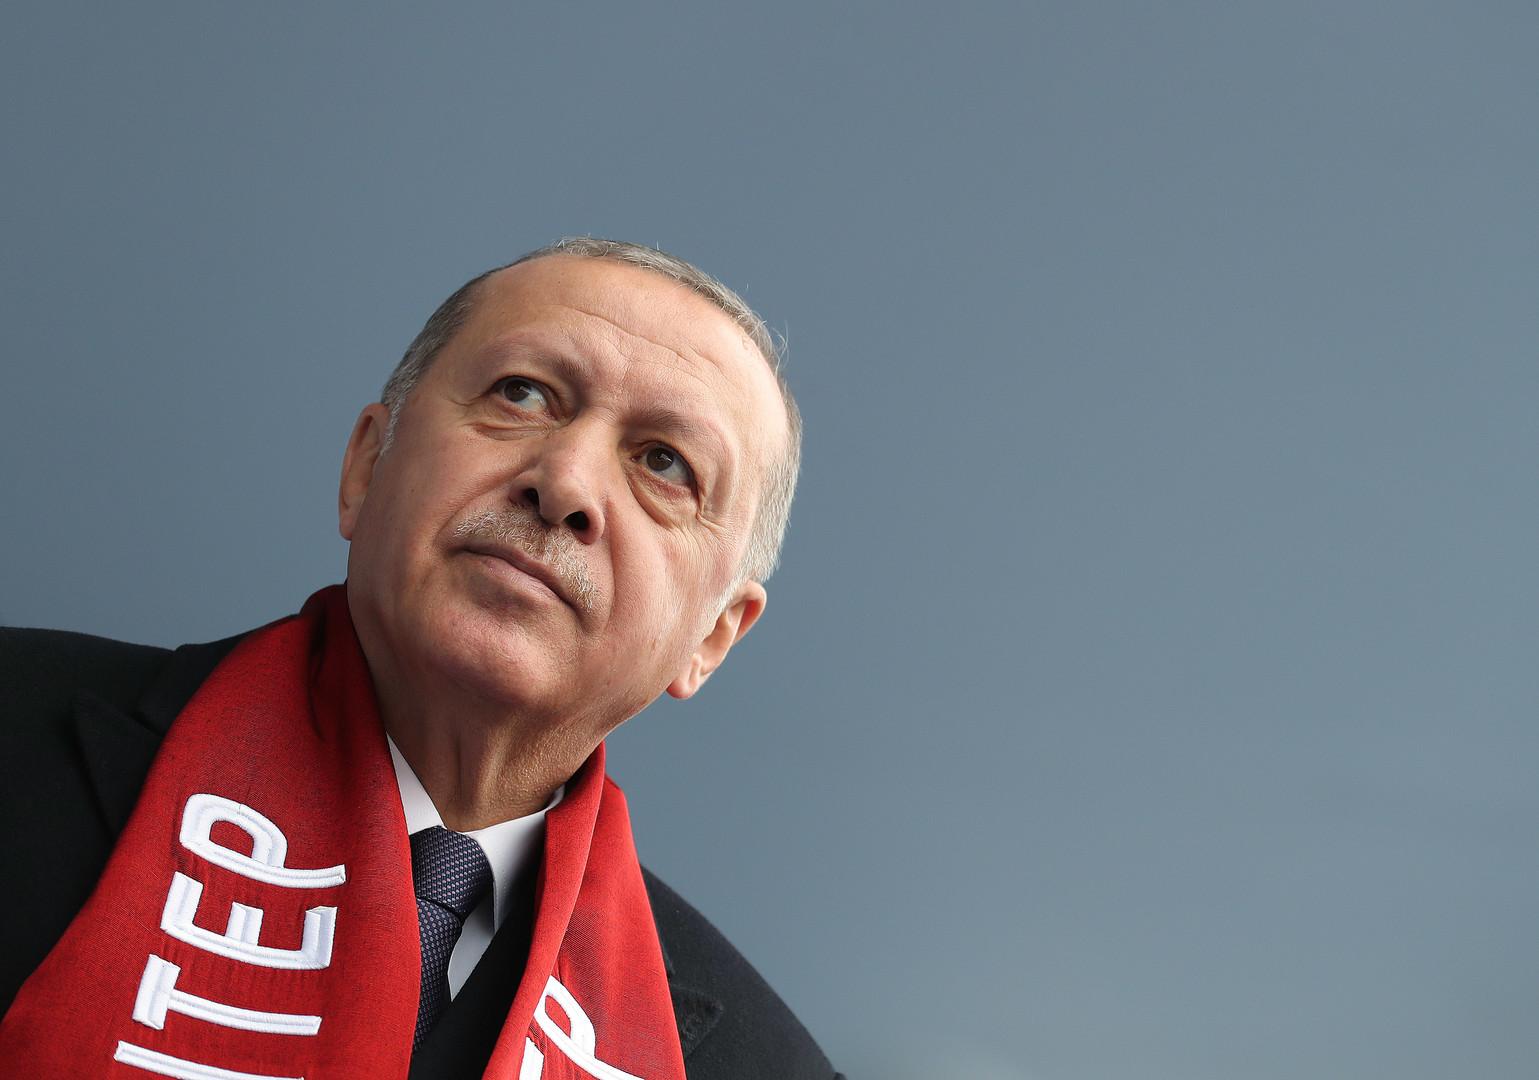 ينتظرون من أردوغان تصفية رفاقه